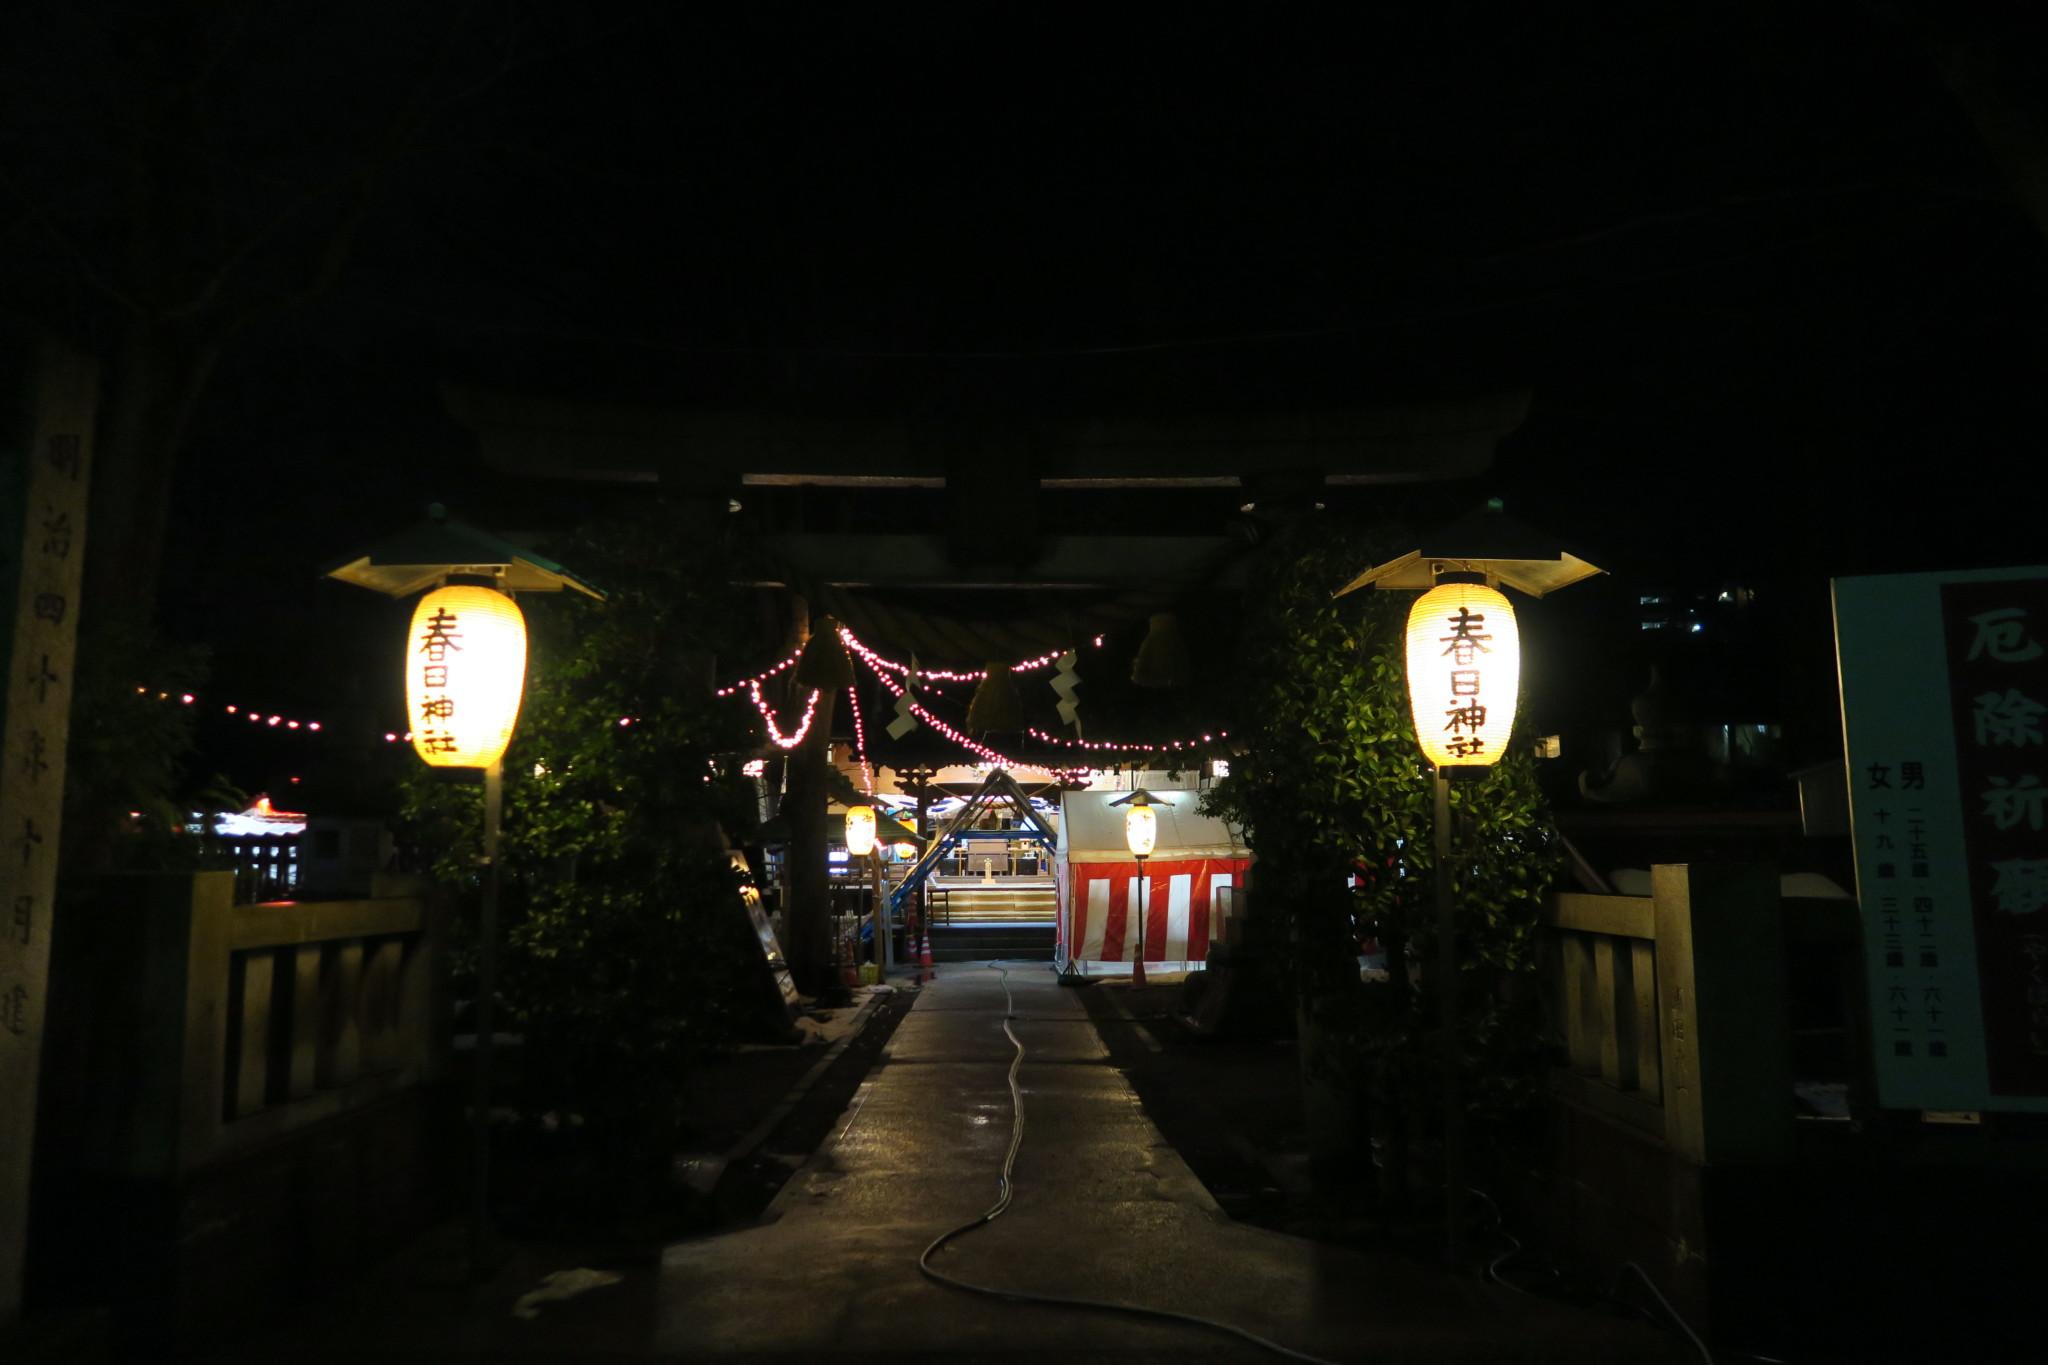 平成三十一年 正月 夜明け前